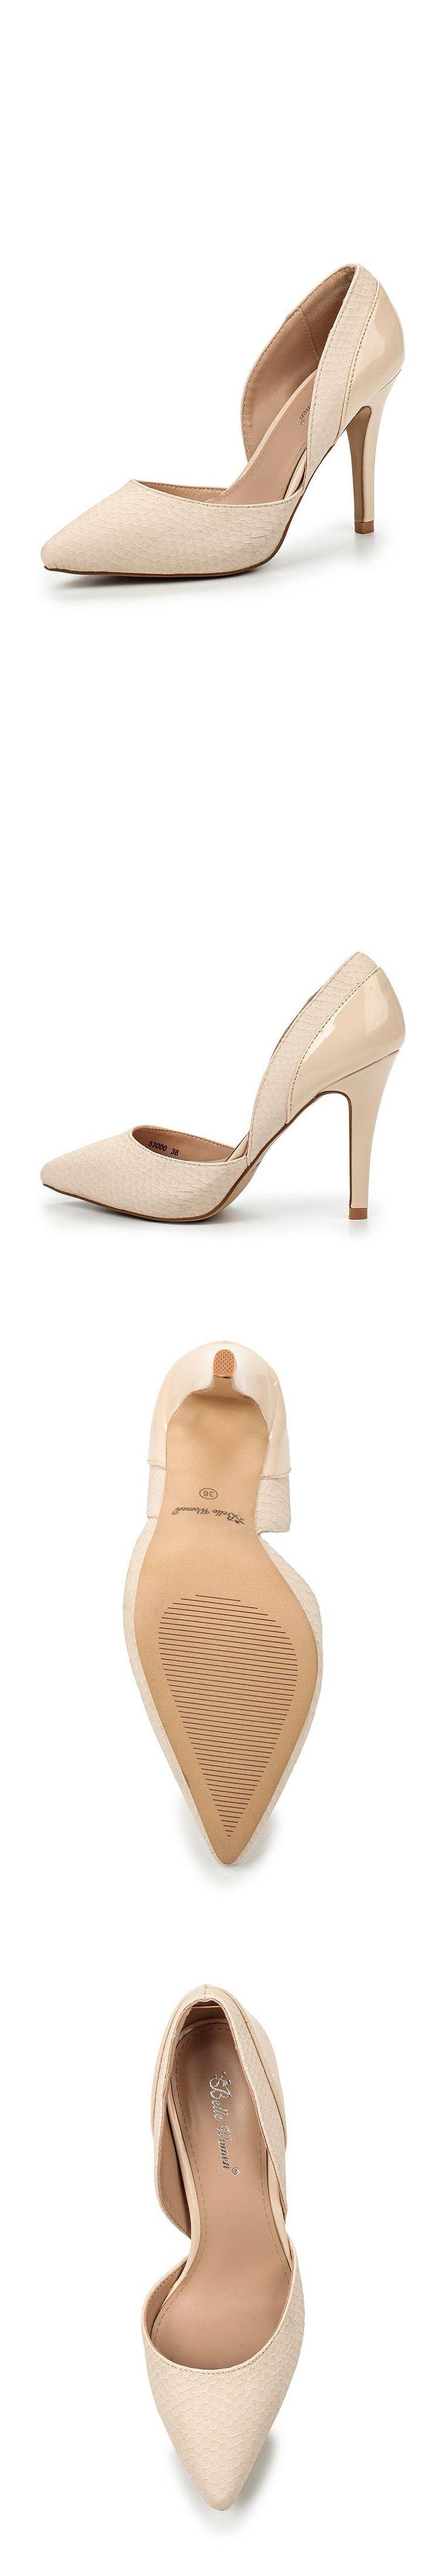 Женская обувь туфли BelleWomen за 2899.00 руб.